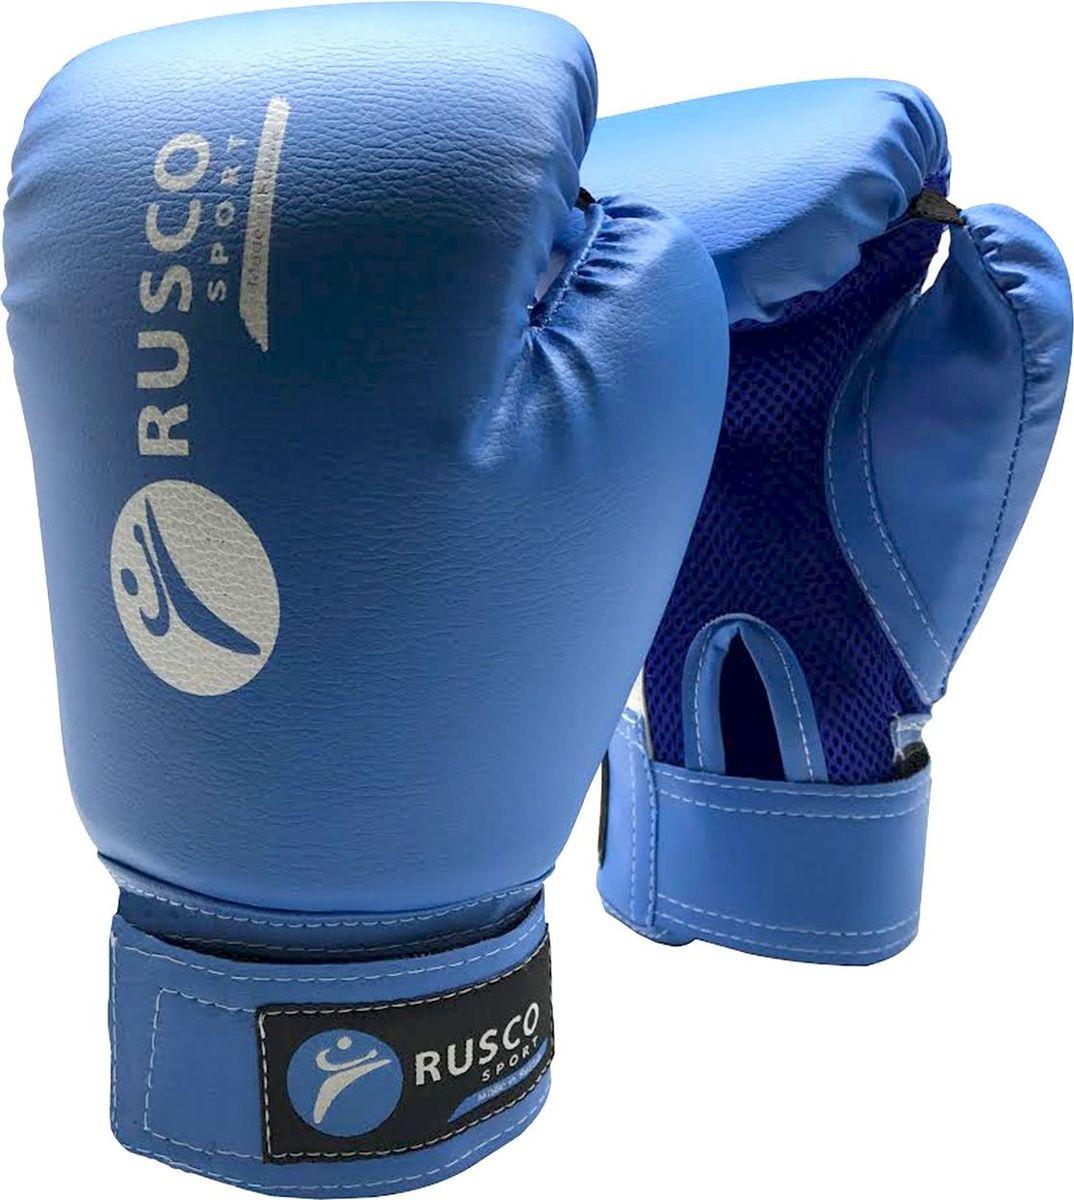 Перчатки боксерские Rusco, цвет: синий, 8 ozУТ-00009848Перчатки боксерские, 8 oz, к/з - это боксерские перчатки синего цвета, которые широко используются начинающими спортсменами и юниорами на тренировках. Перчатки имеют мягкую набивку, специально разработанная удобная форма позволяет избежать травм во время тренировок и профессионально подготовиться к бою. Превосходно облегают кисть, следуя всем анатомическим изгибам ладони и запястья.